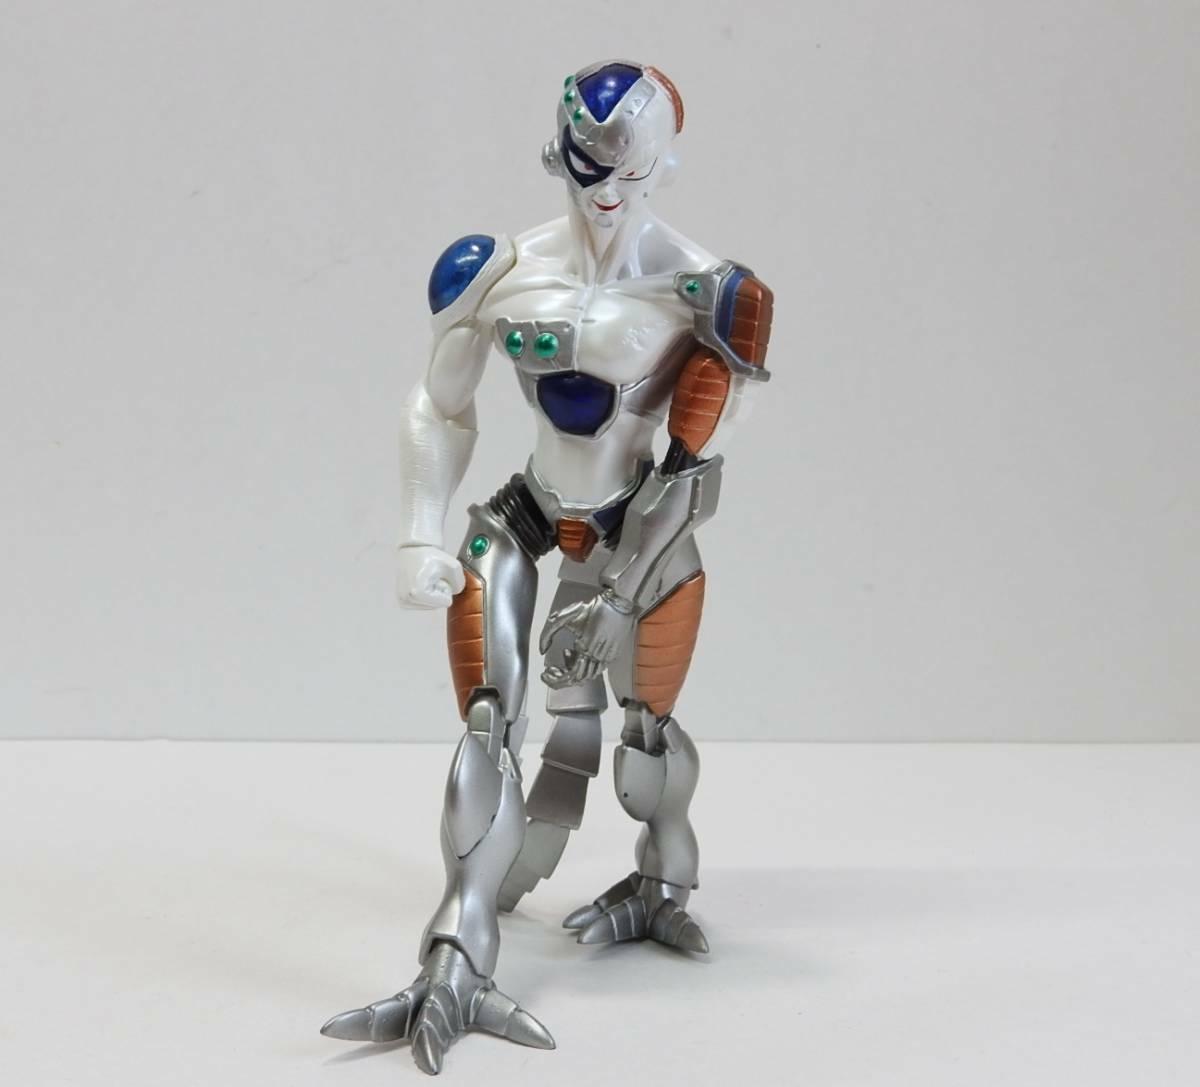 Dragon Ball Z Prefabricated Dx Creature 4 Meccanico Congelatore Separa